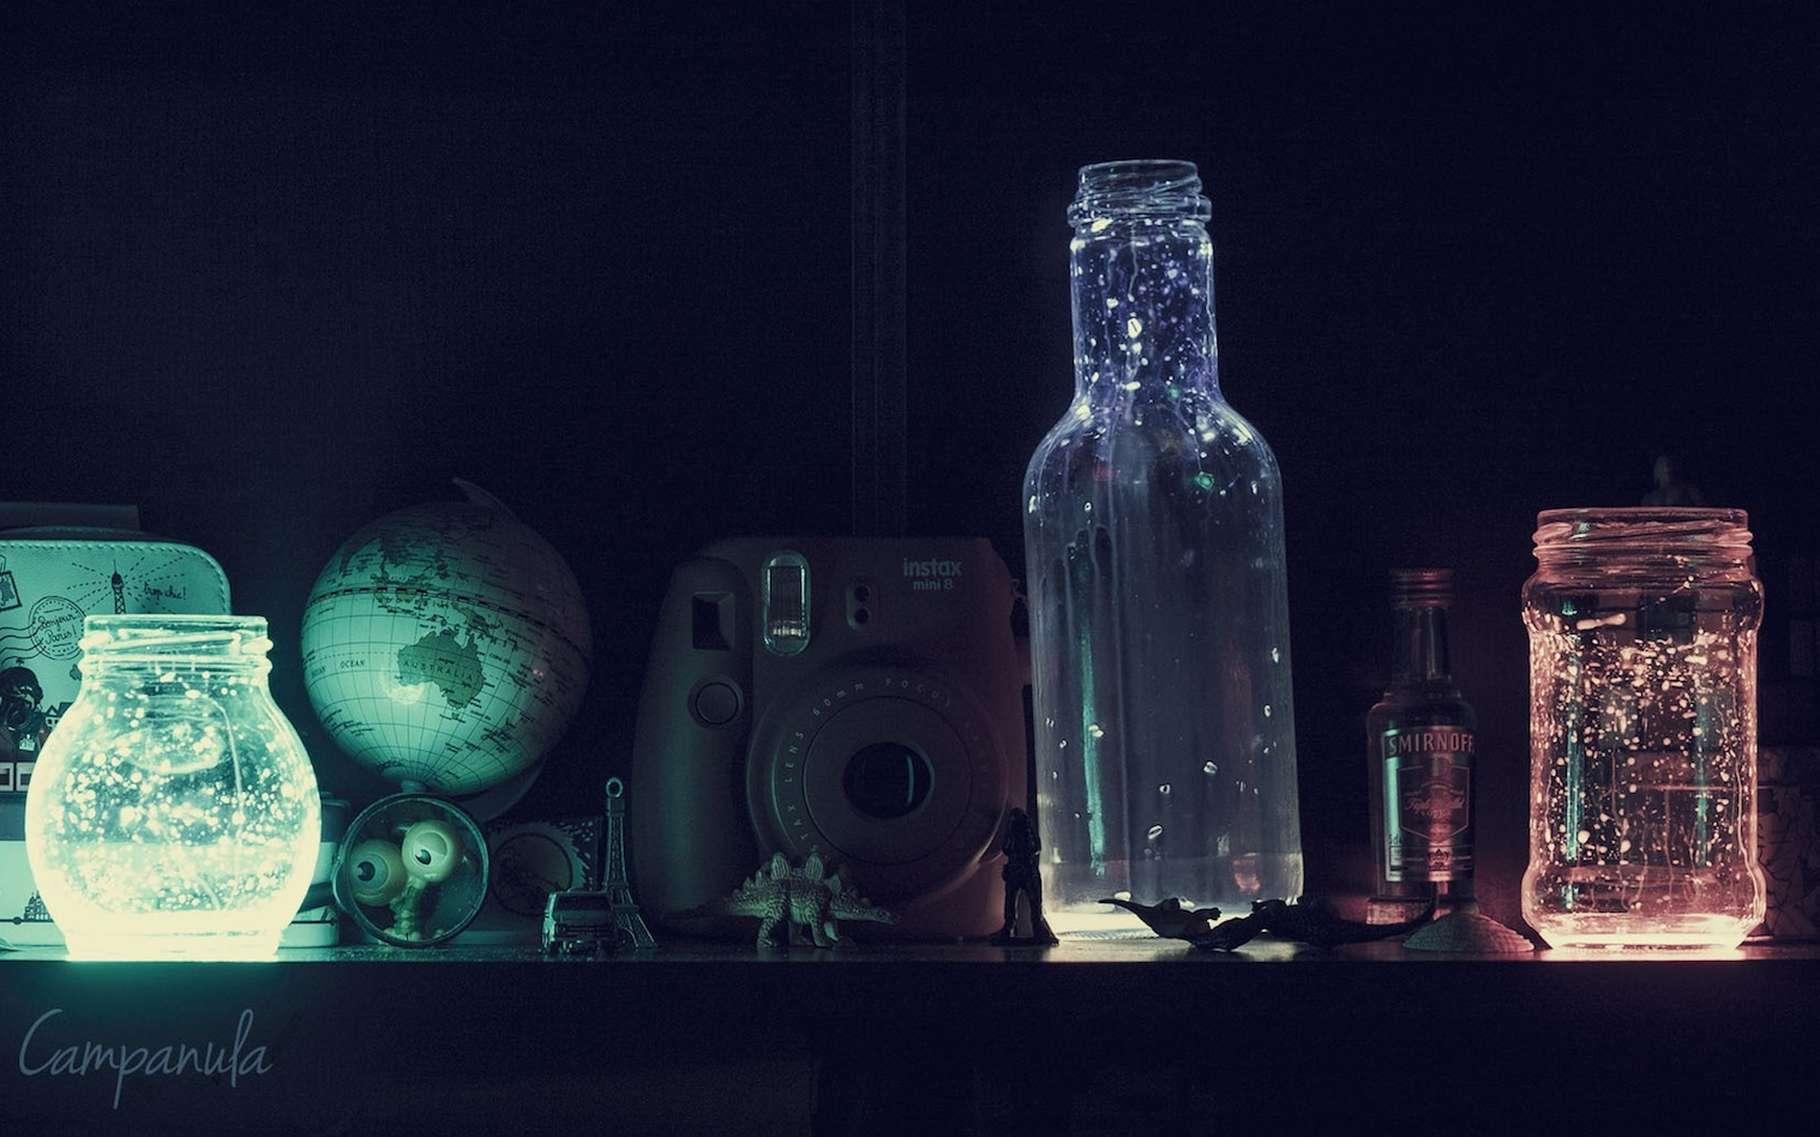 La phosphorescence est un phénomène de photoluminescence qui peut servir à la décoration. © campanula, Pixabay, CC0 Public Domain